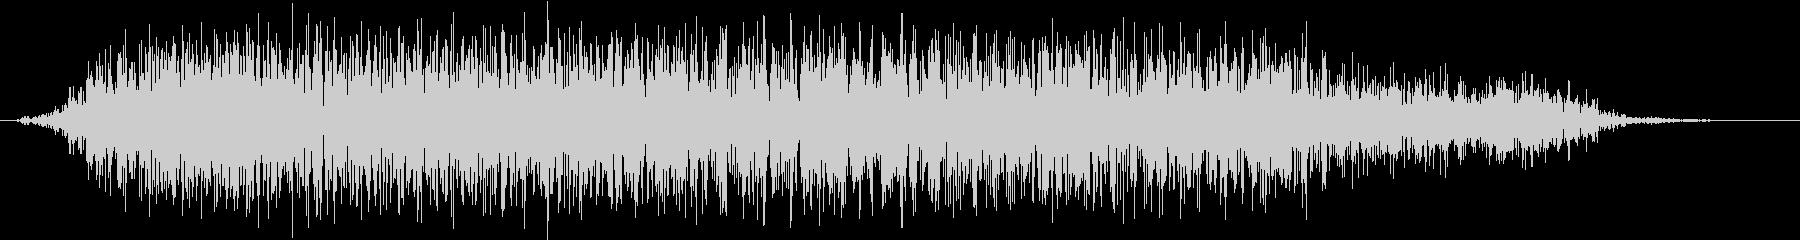 モンスター 悲鳴 44の未再生の波形